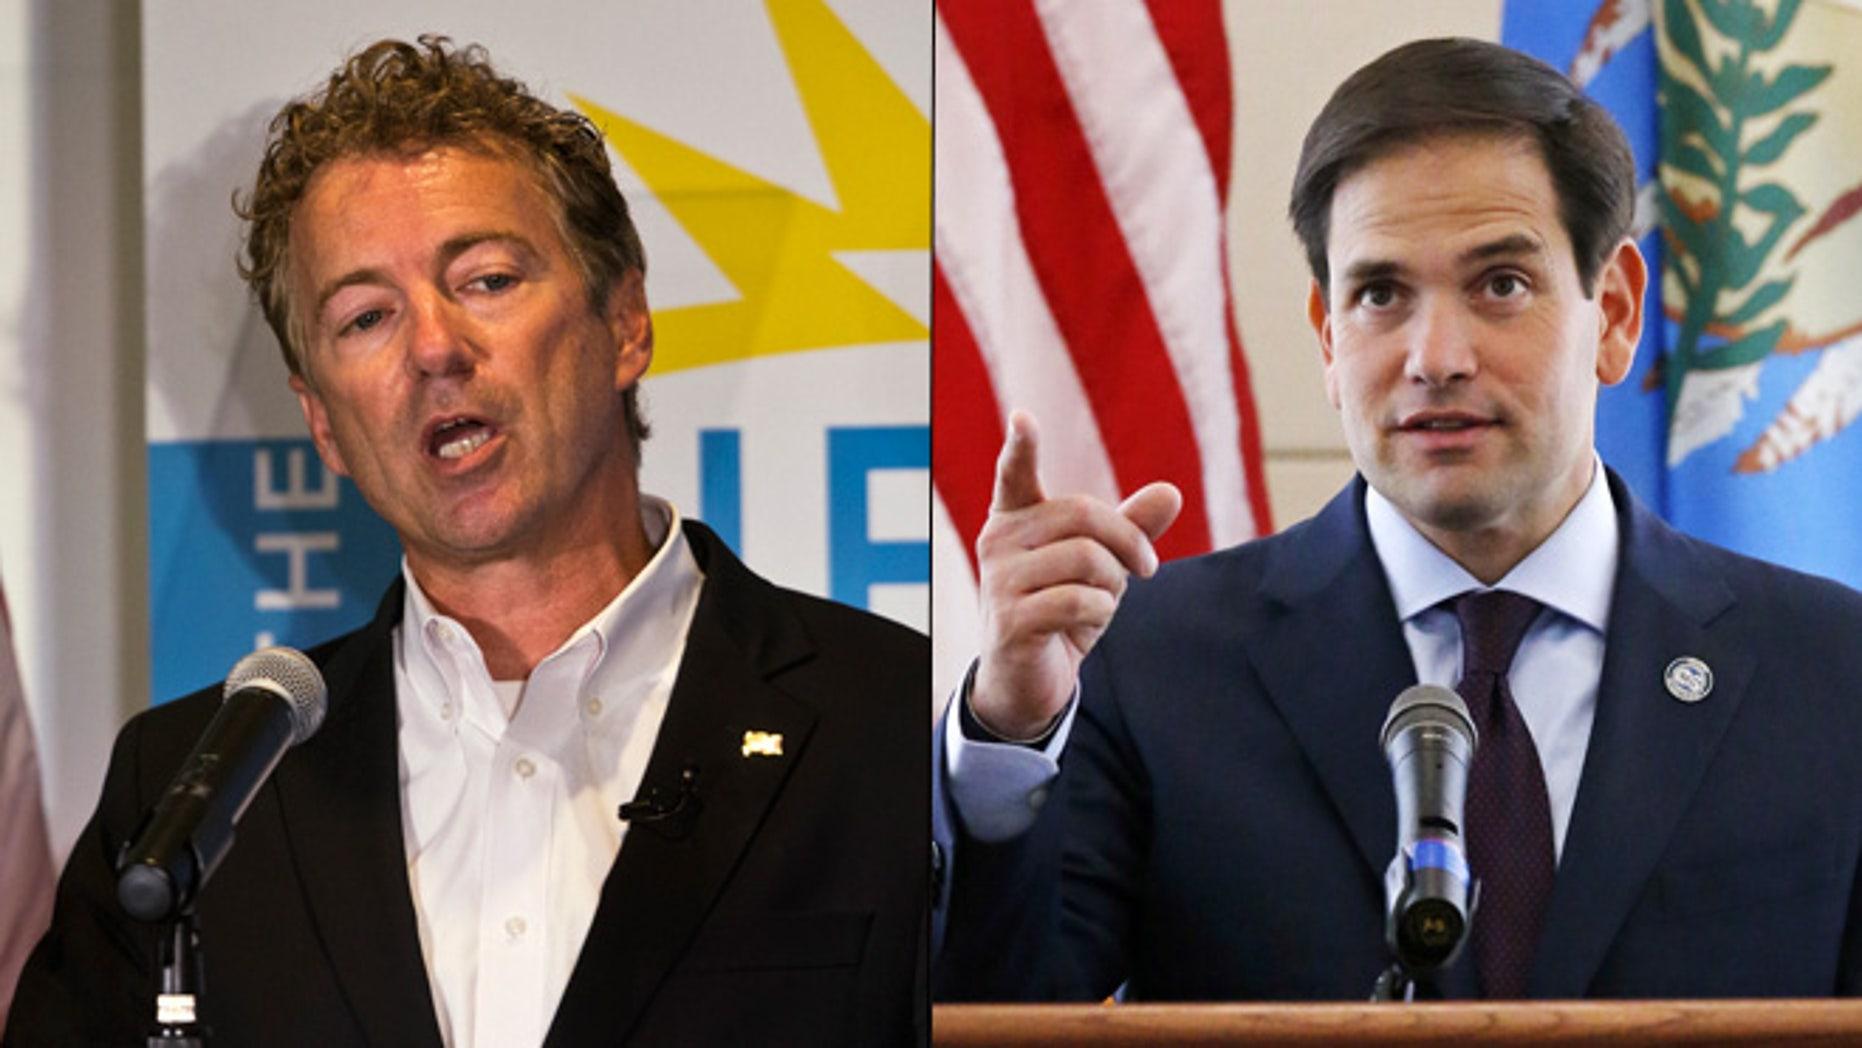 At left, Kentucky Sen. Rand Paul; at right, Florida Sen. Marco Rubio.